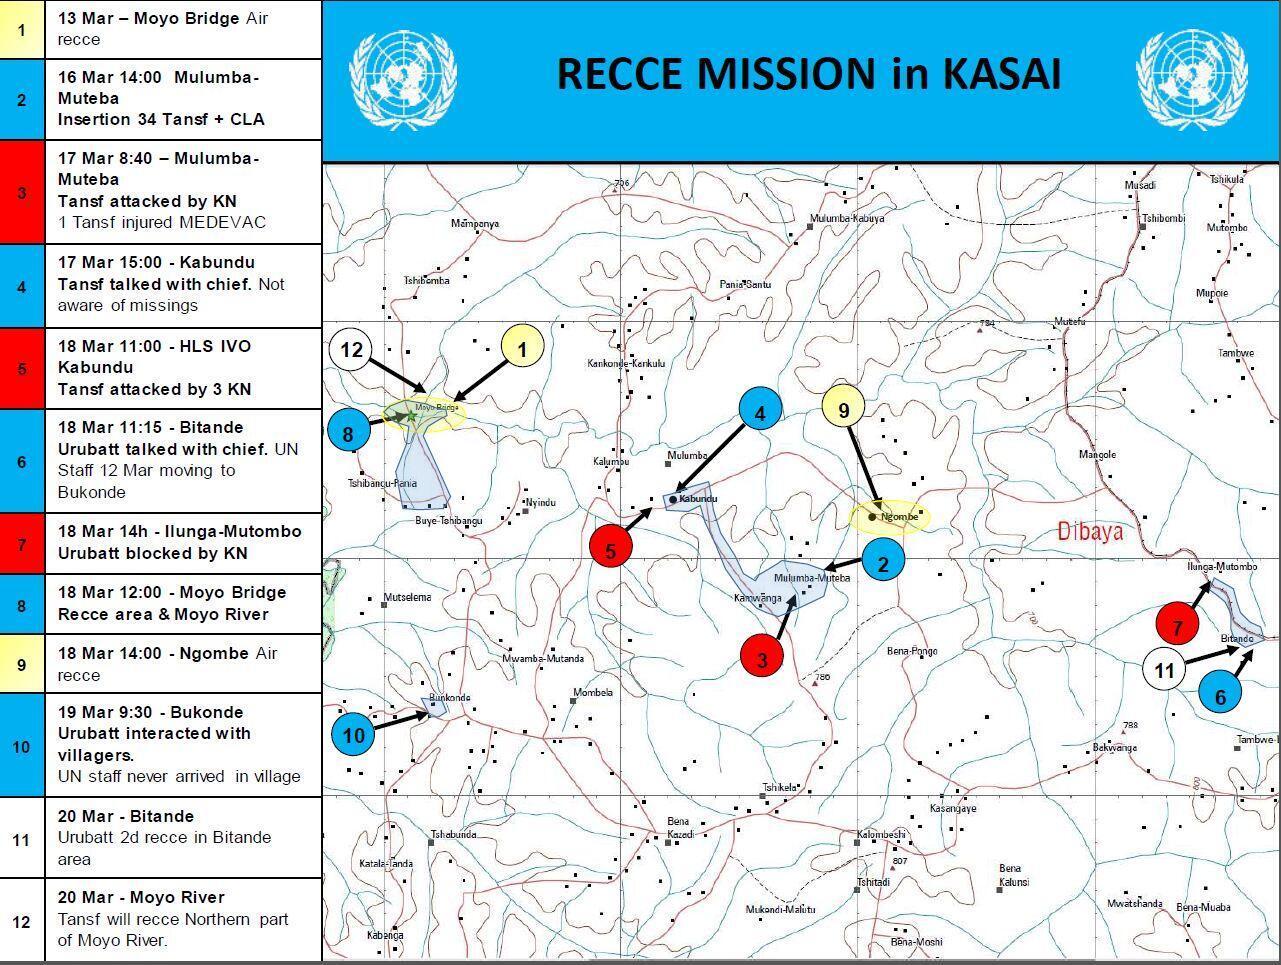 La carte des différentes missions de reconnaissance menées par la la force de l'ONU en RDC entre le 13 et 20 mars à la recherche des experts qui ne sont alors que portés disparus.